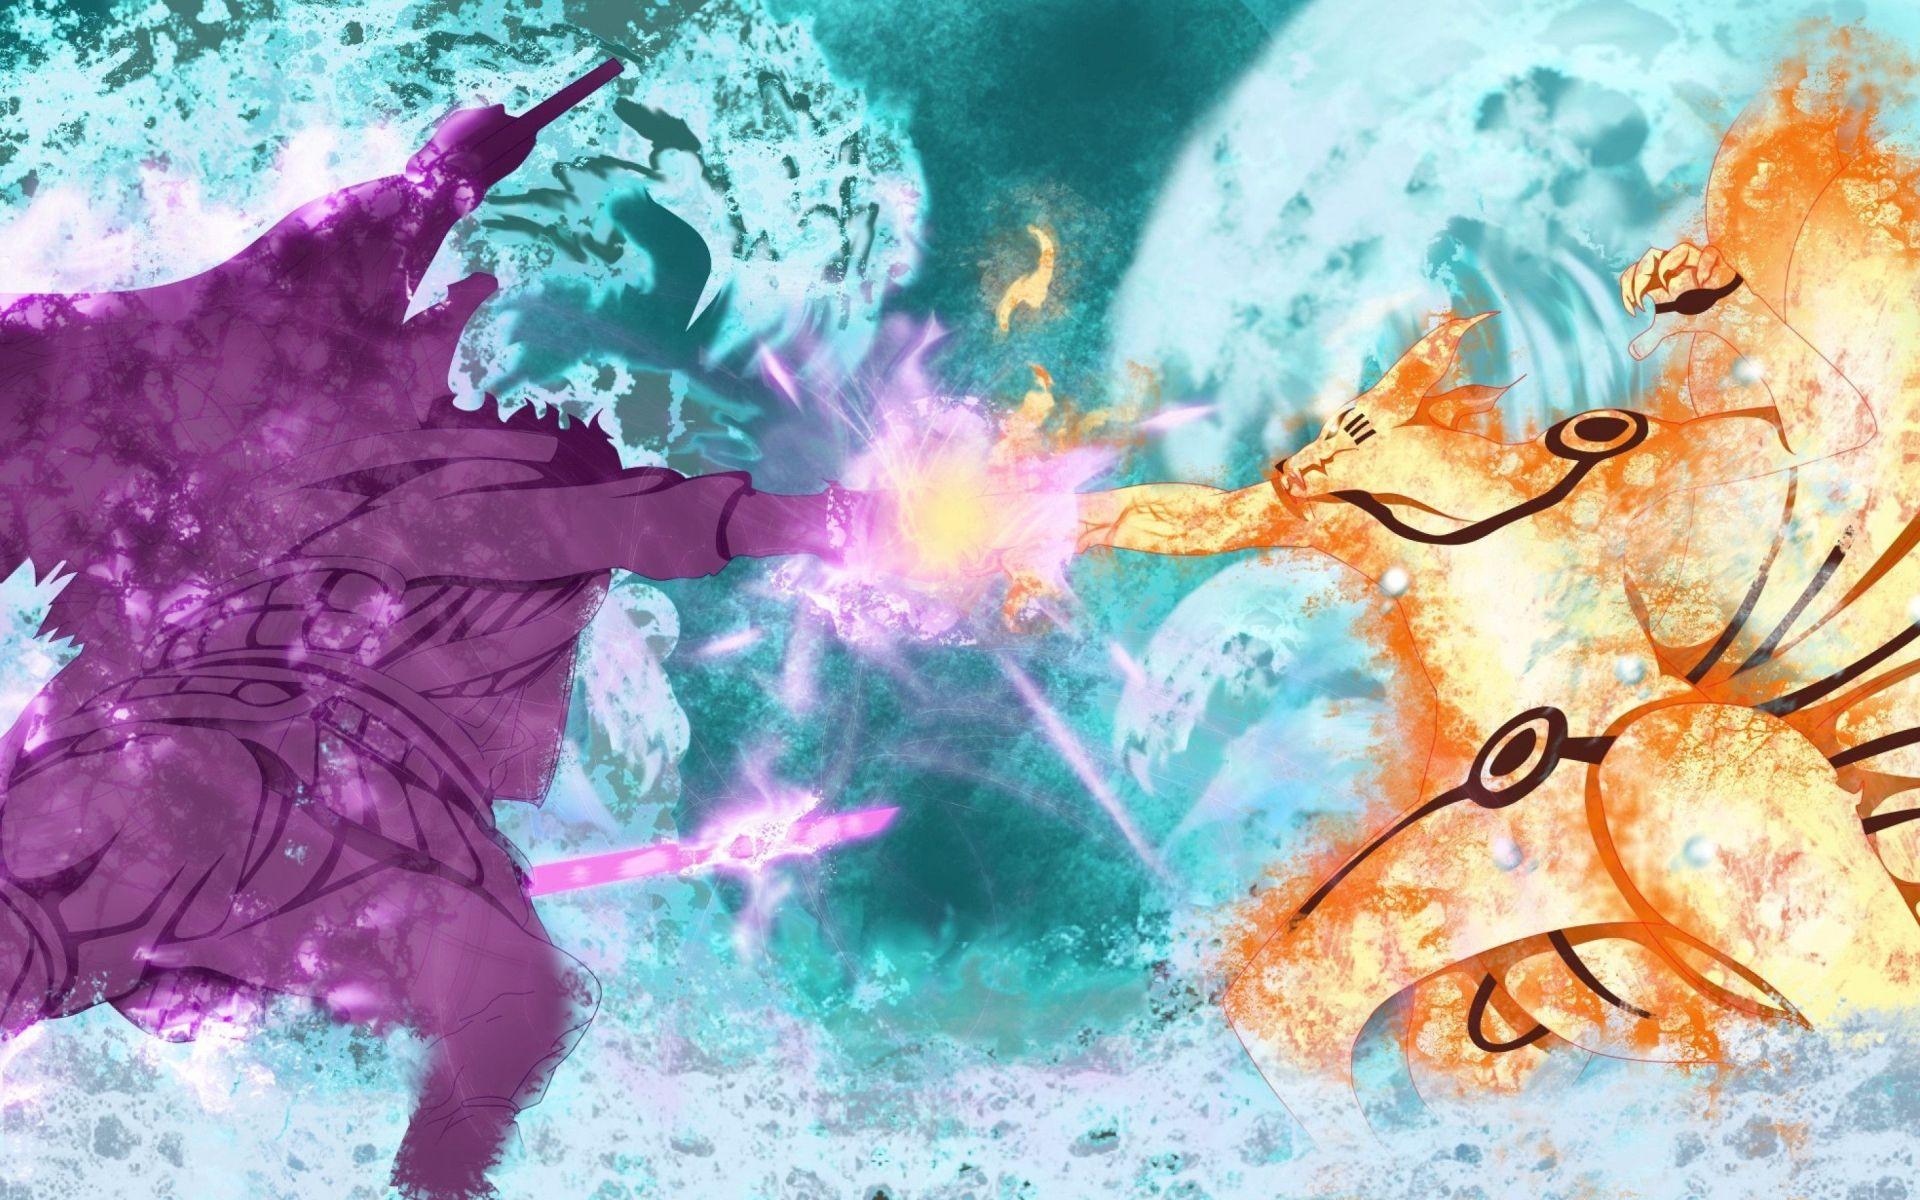 Naruto And Sasuke art, Pic